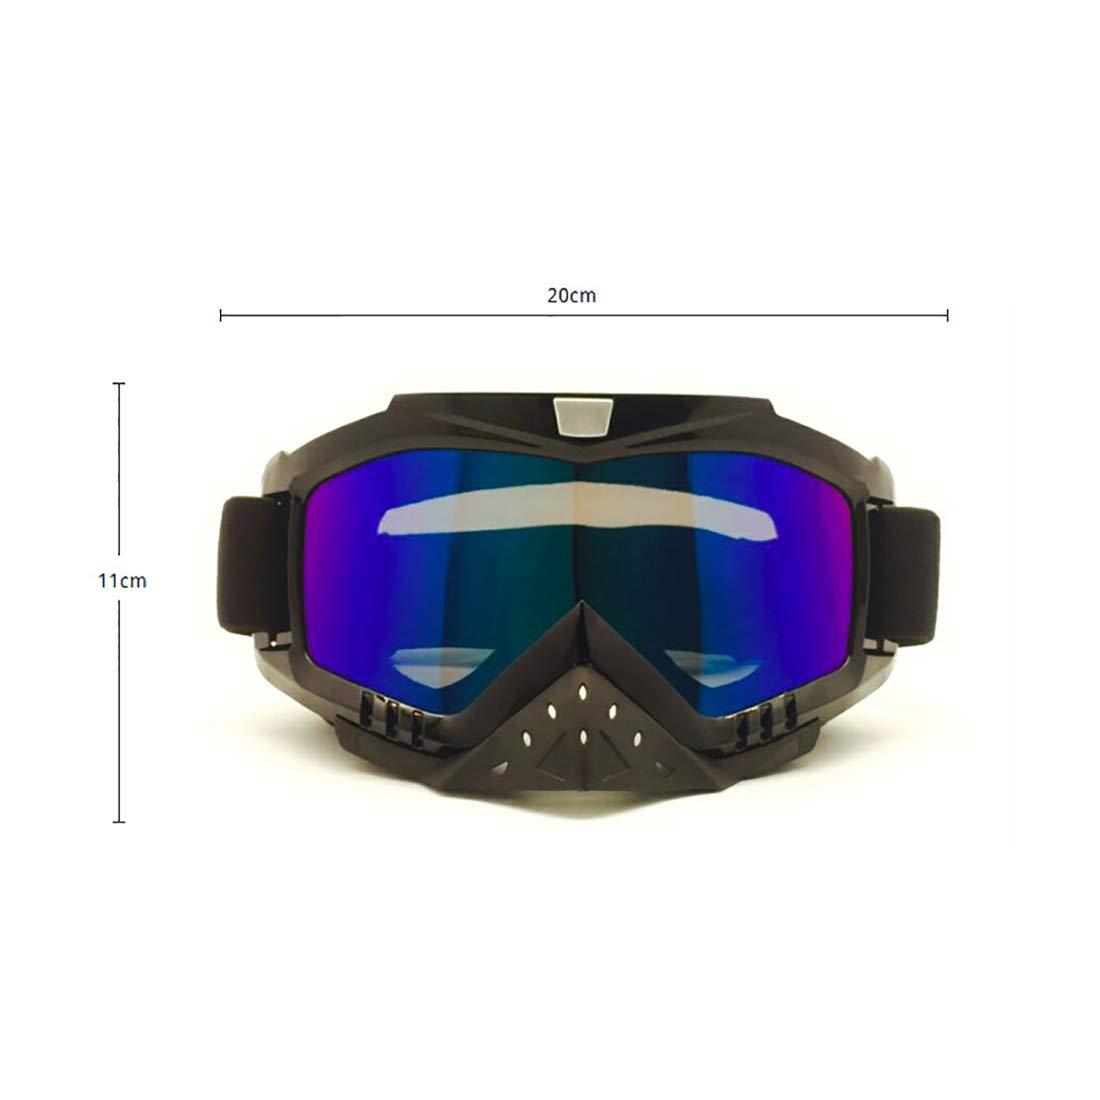 bd2ef18b82 LBWNB Gafas de Moto-Gafas de Motocross para Casco Niebla a Prueba de Viento  Montar Bicicleta protección UV Gafas de Sol máscara para ATV Off Road  Racing ...